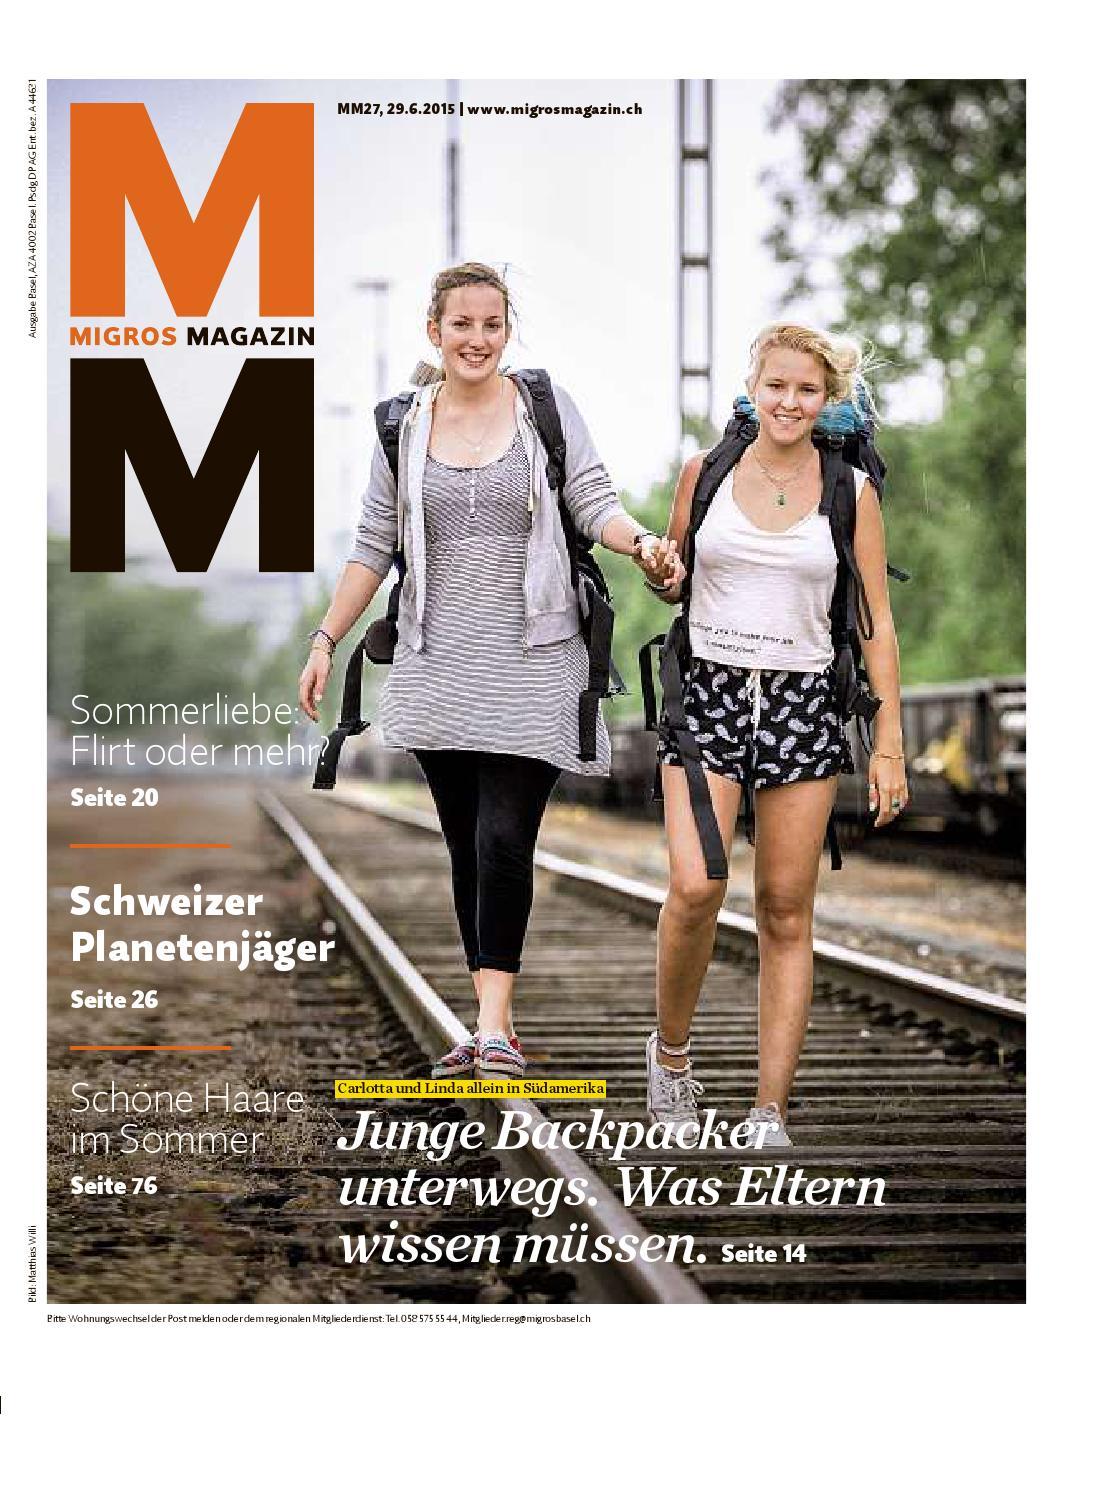 Gay Sex Treffen Ostermundigen, Frau Sucht Mann Herisau